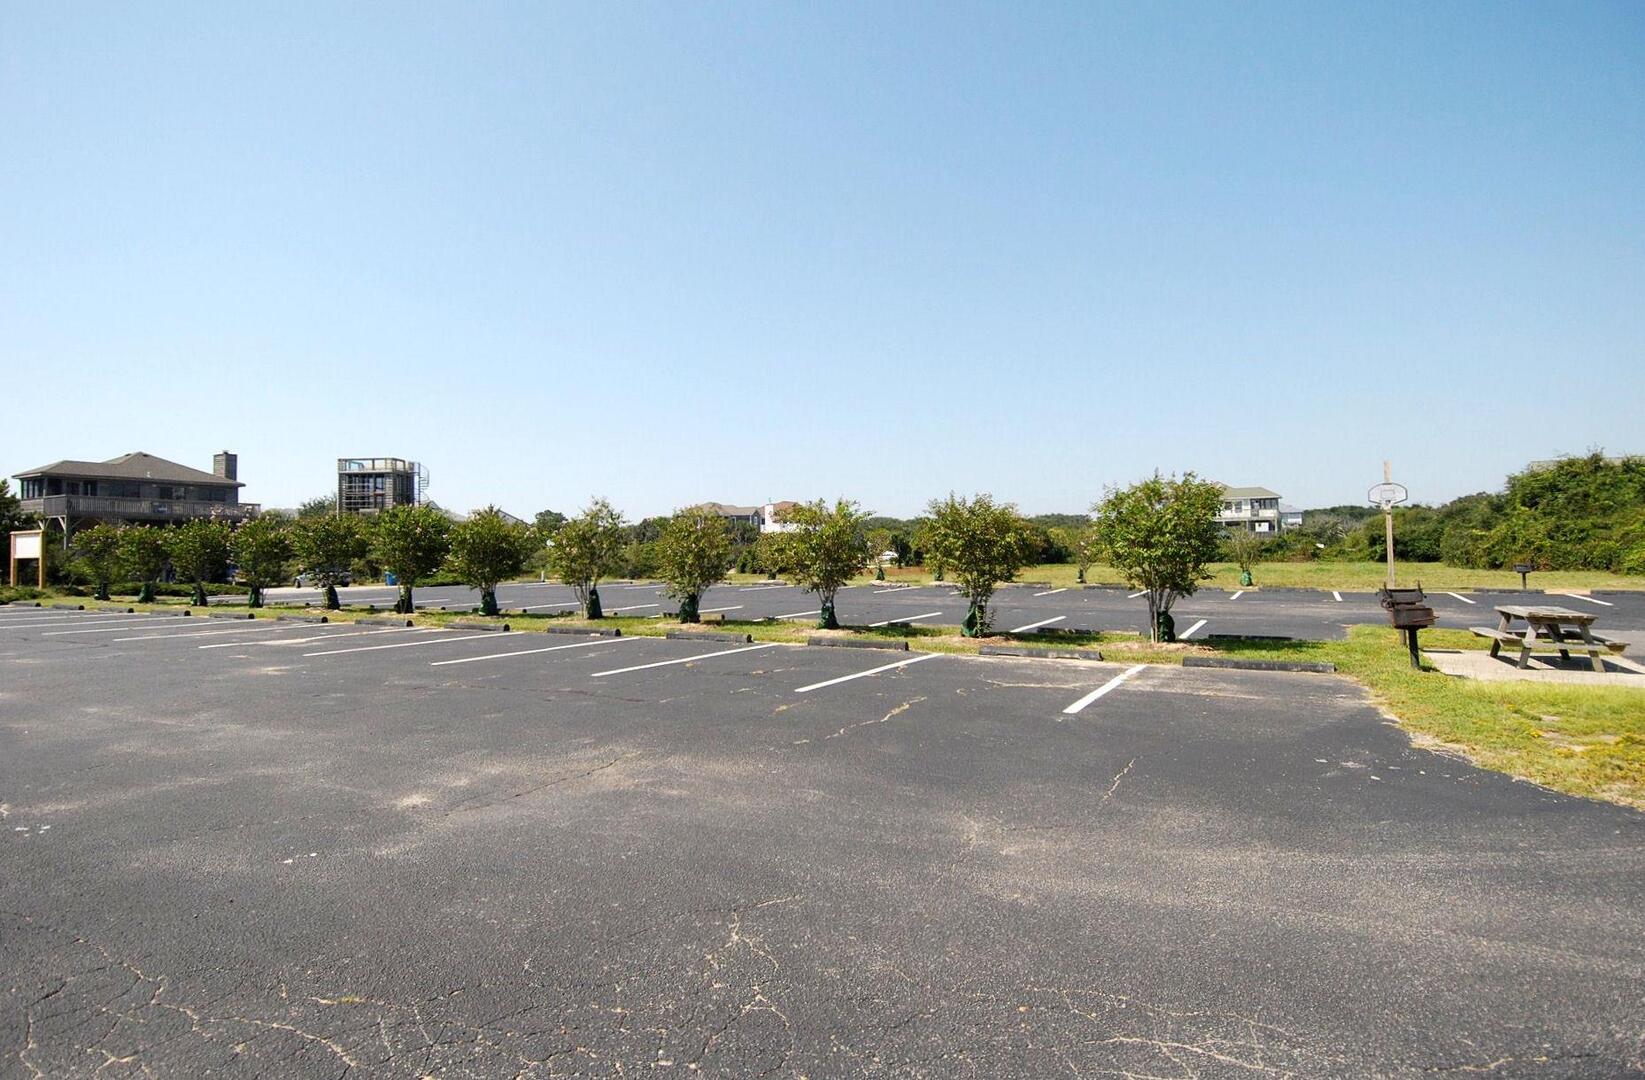 Amenity,Duck Blind Villas Parking,